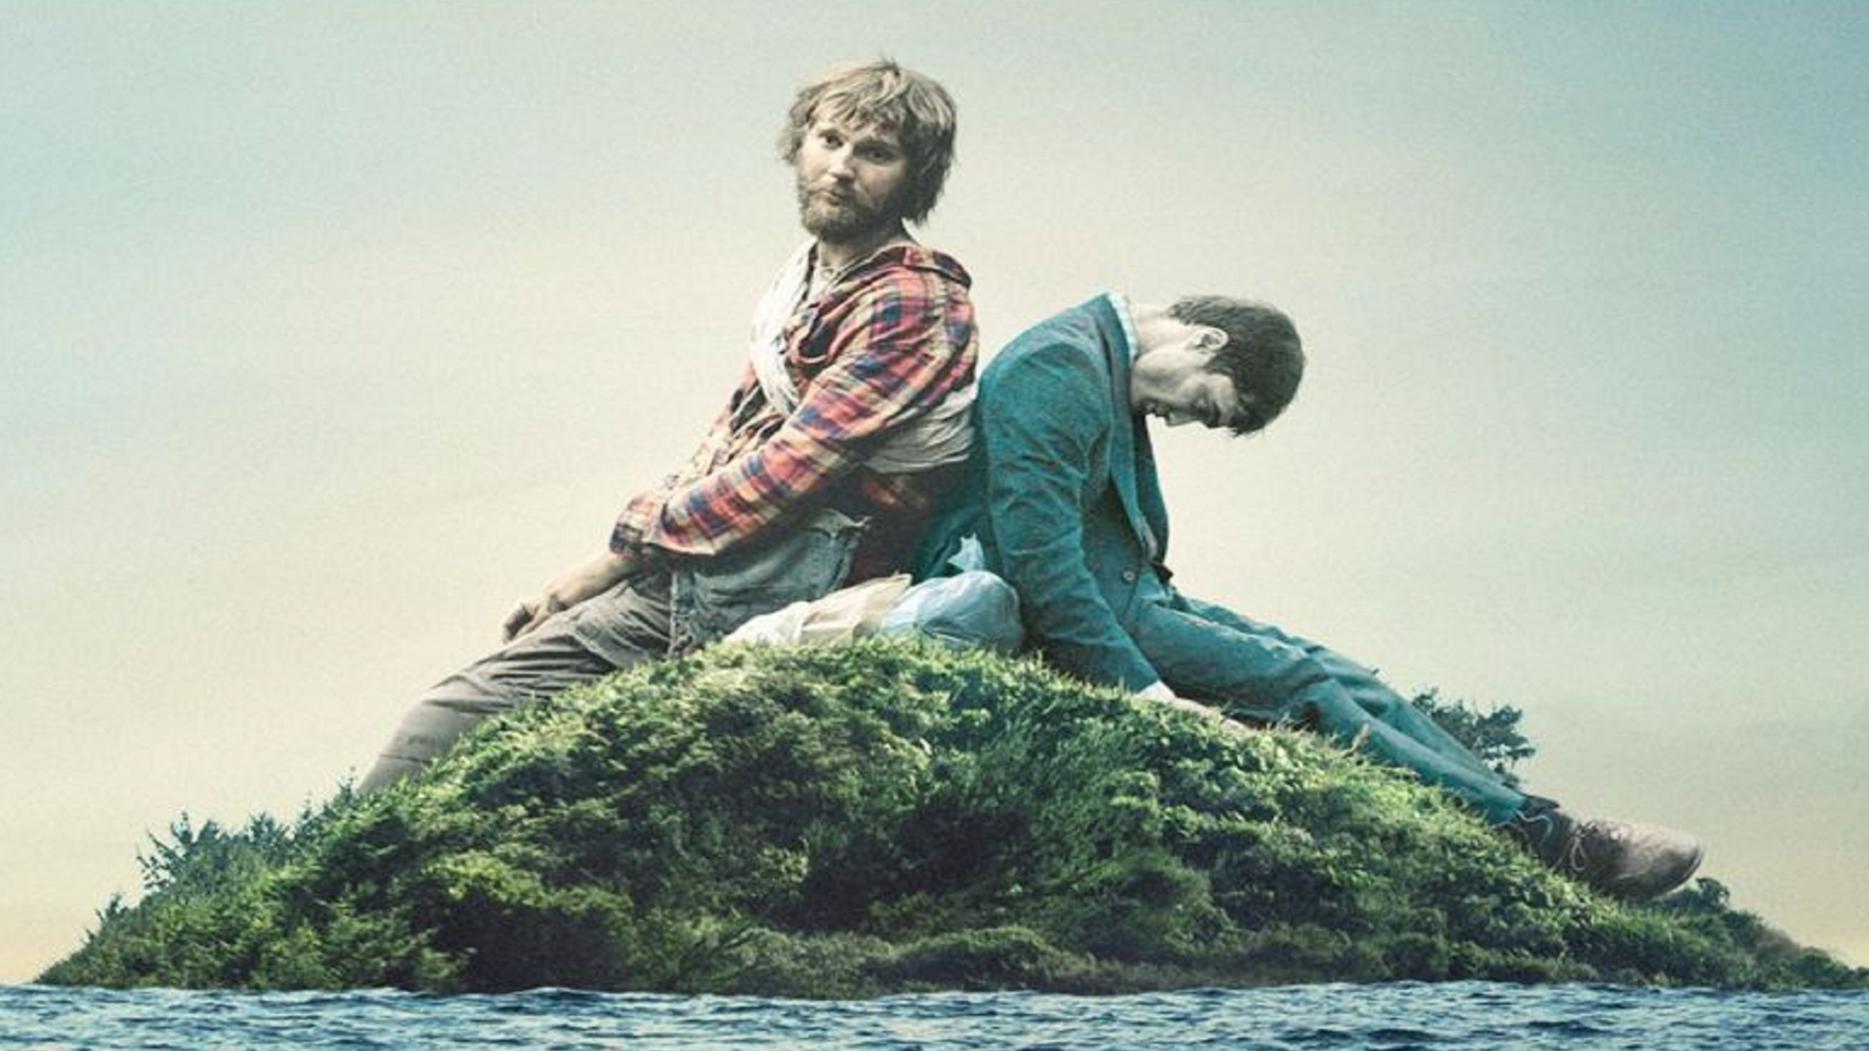 男子被困荒岛,捡到一具尸体,他该怎么玩?一部人性喜剧片